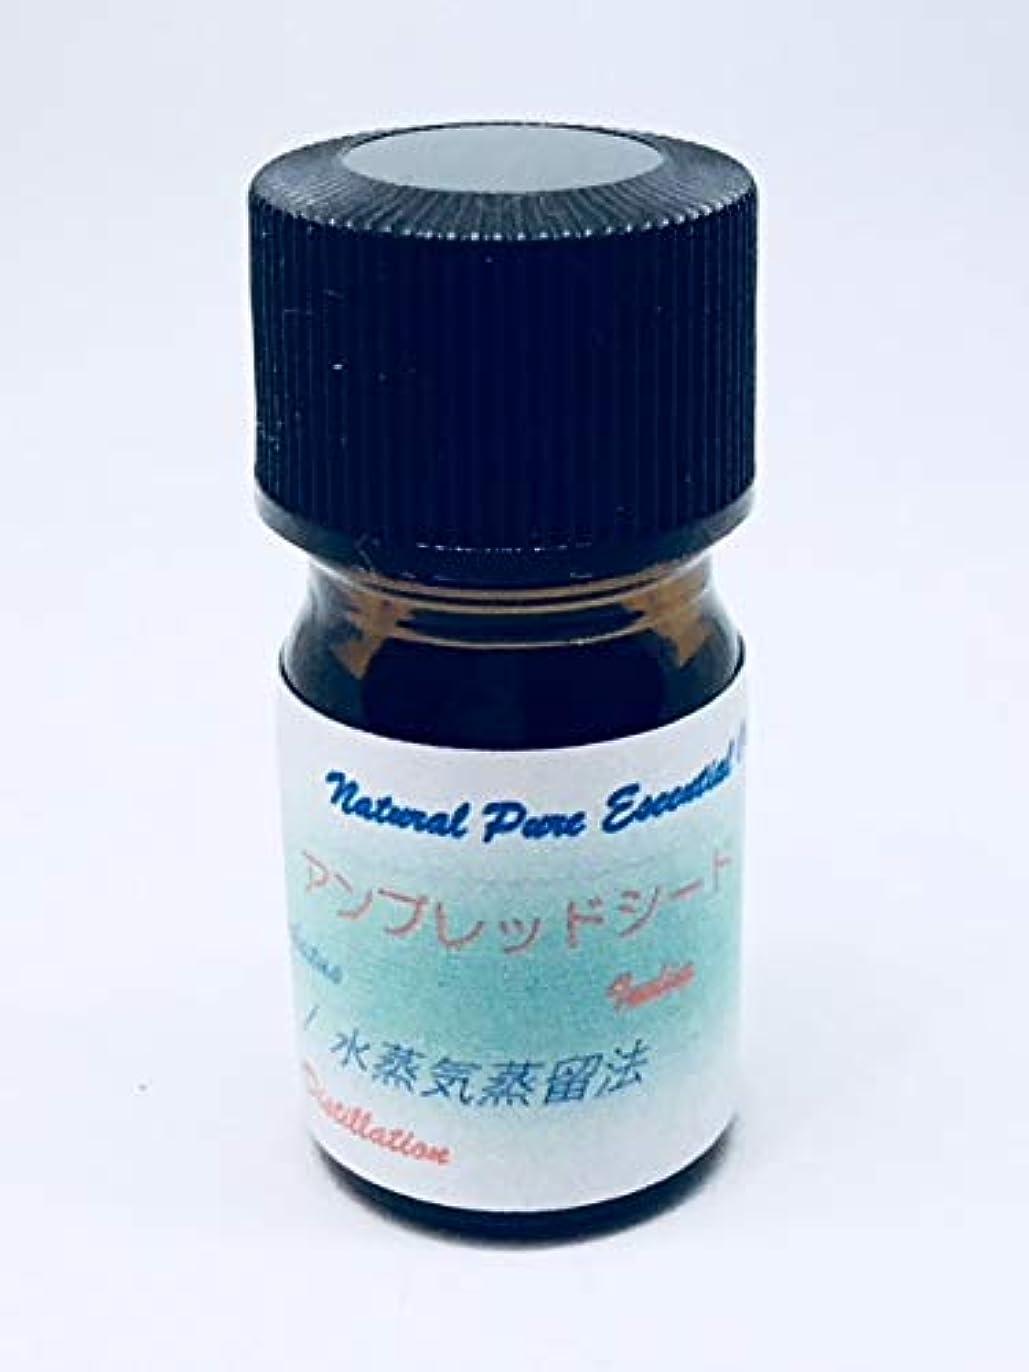 宿命ハイランド重要なアンブレッドシード(植物性ムスク)精油 5ml100%ピュアエッセンシャル